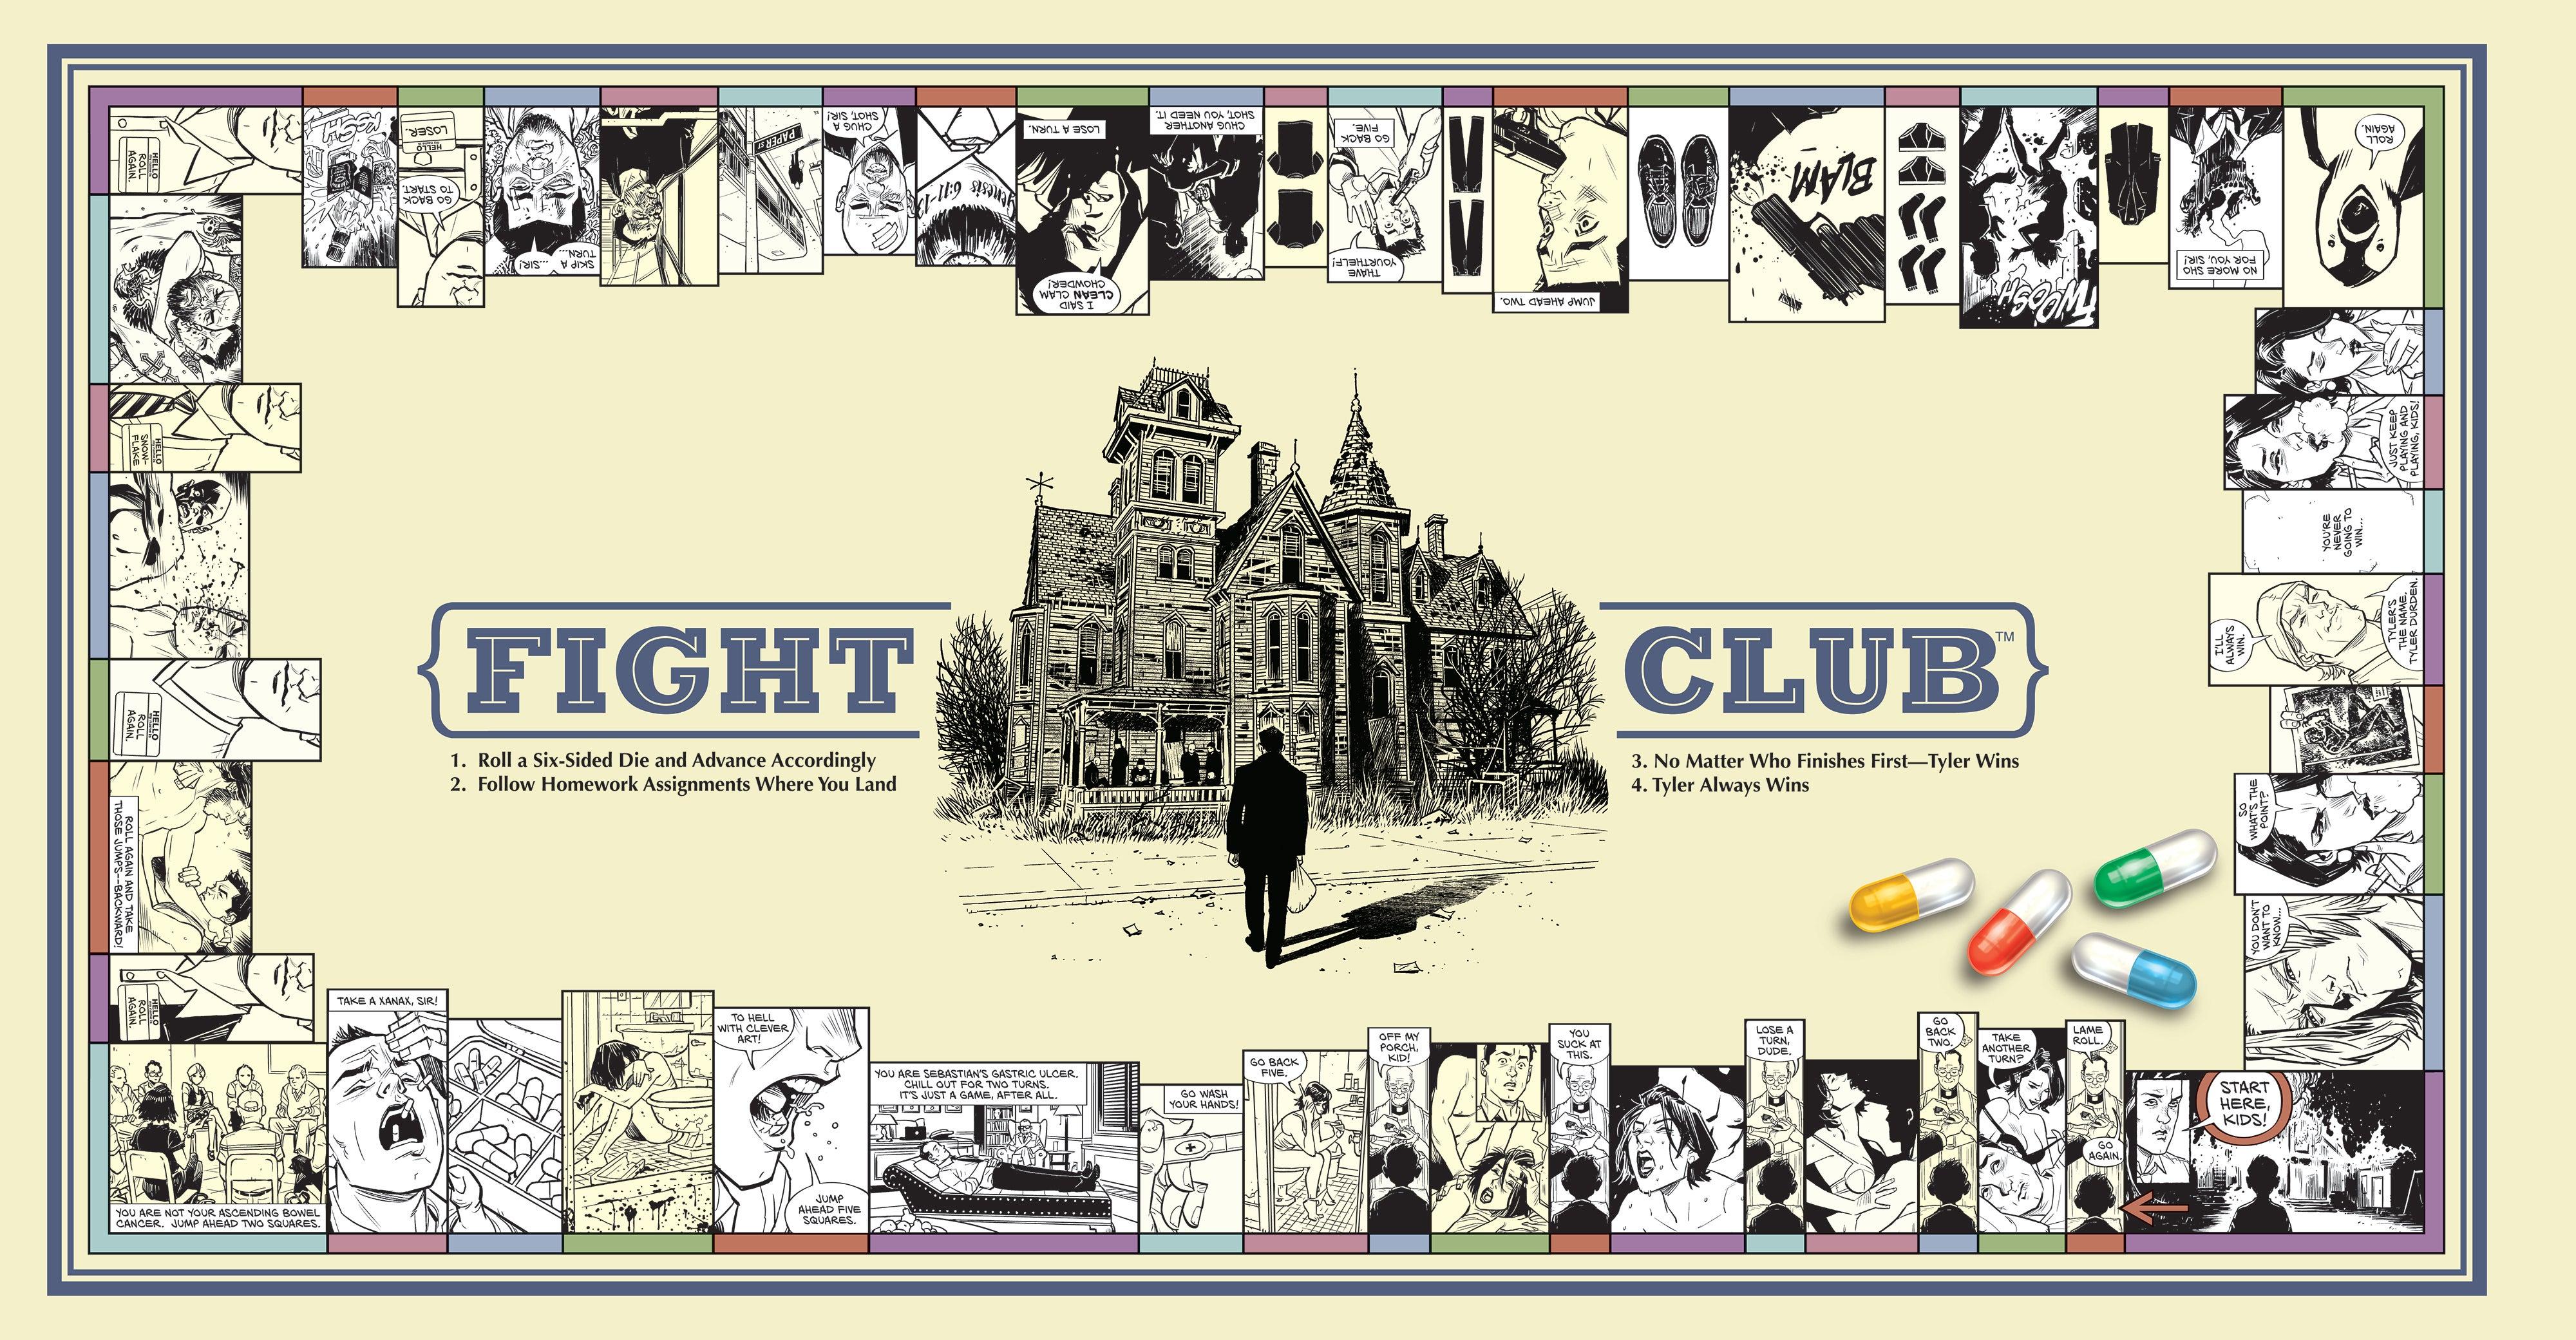 FCLUB2-Boardgame